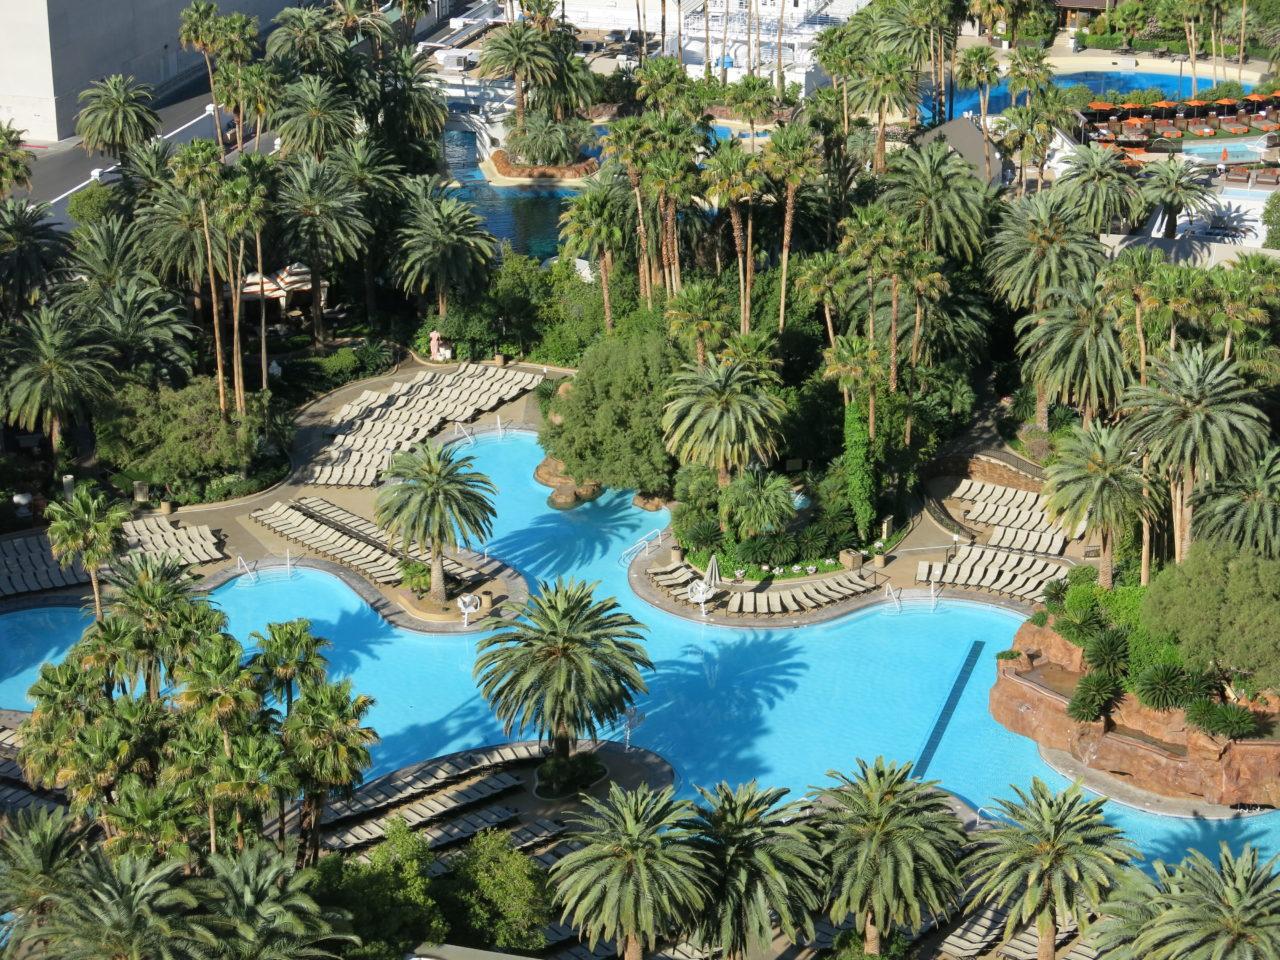 Pool Mirage Hotel Las Vegas